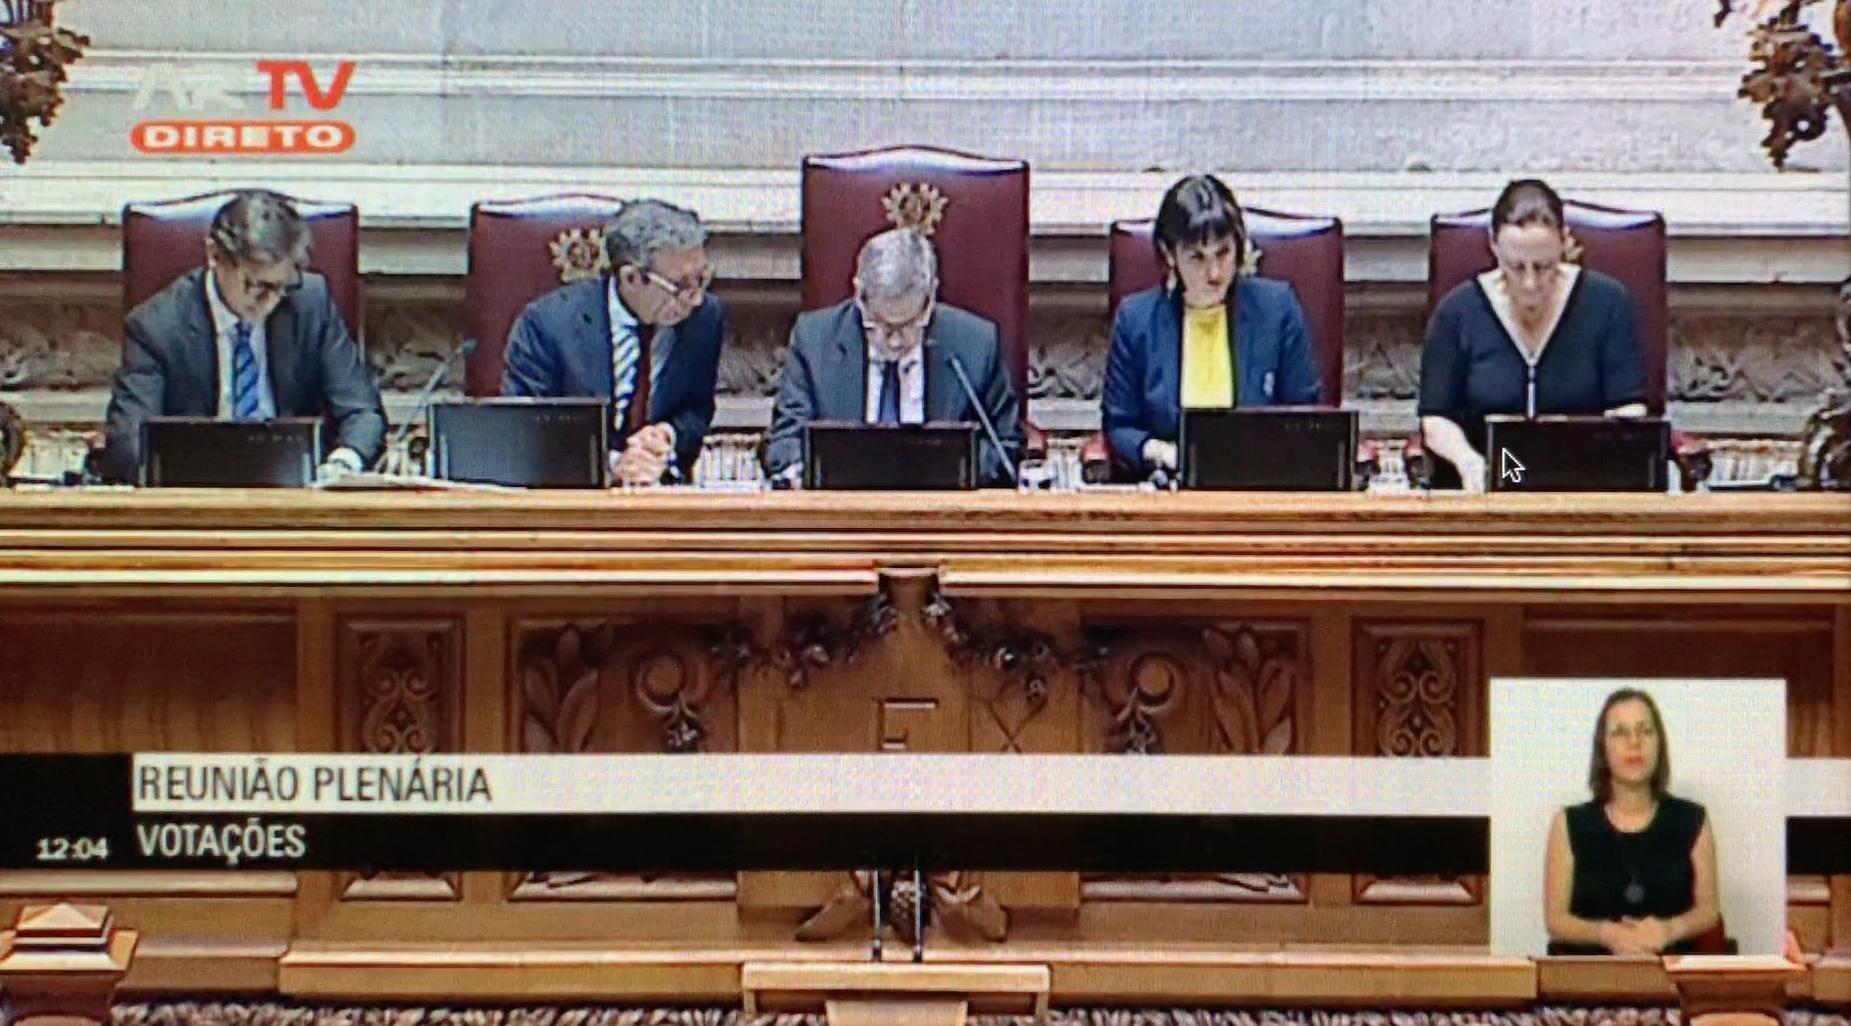 Resolução da Assembleia da República